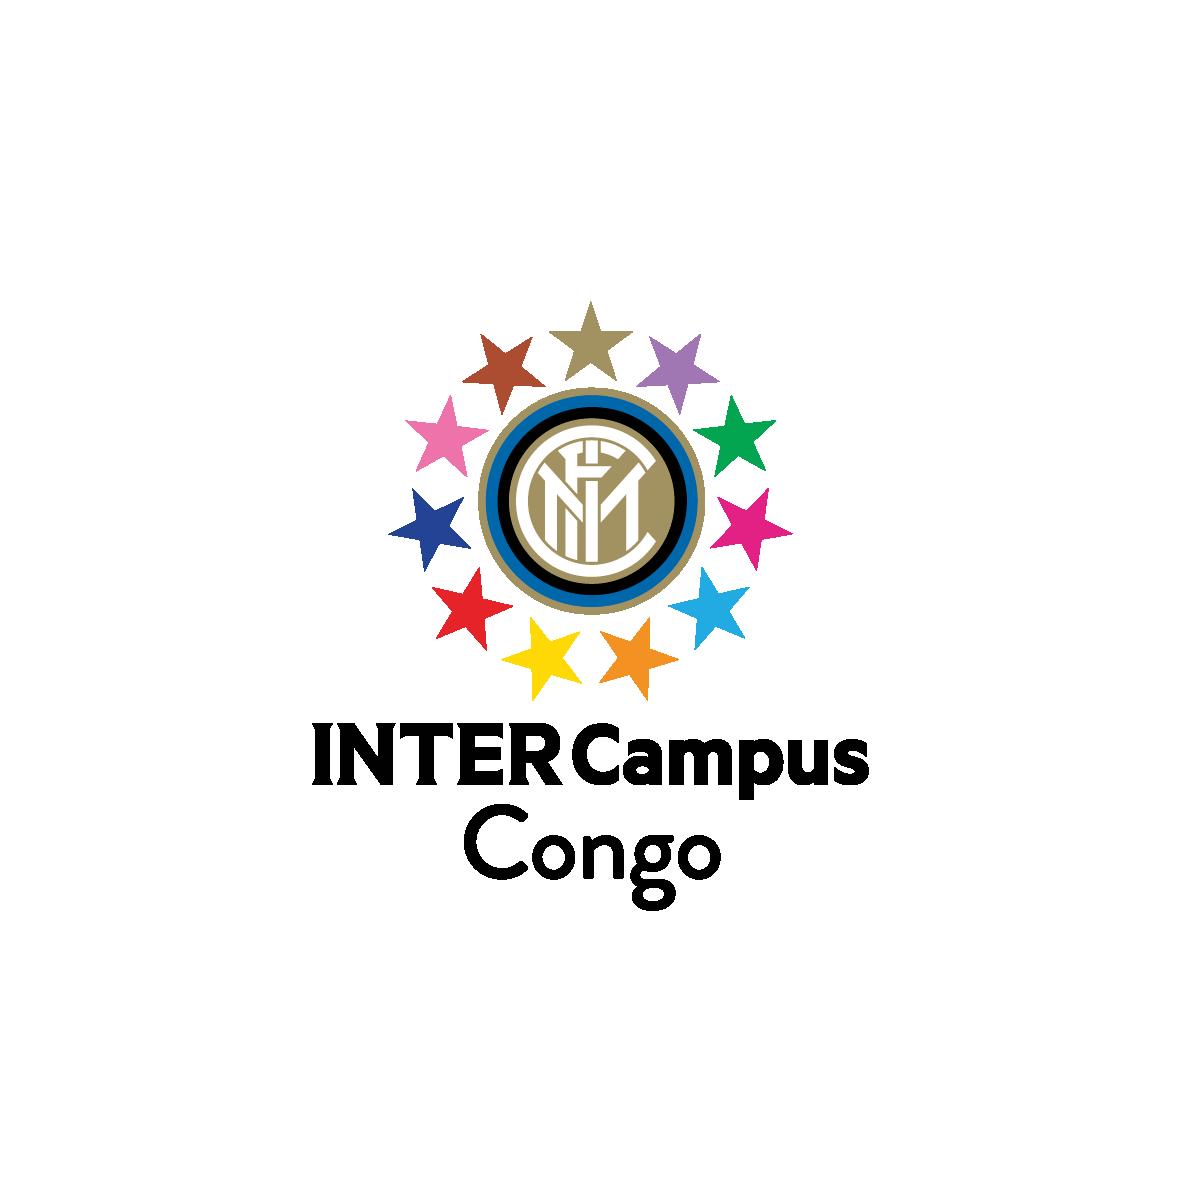 Logo - IInterCampus Congo